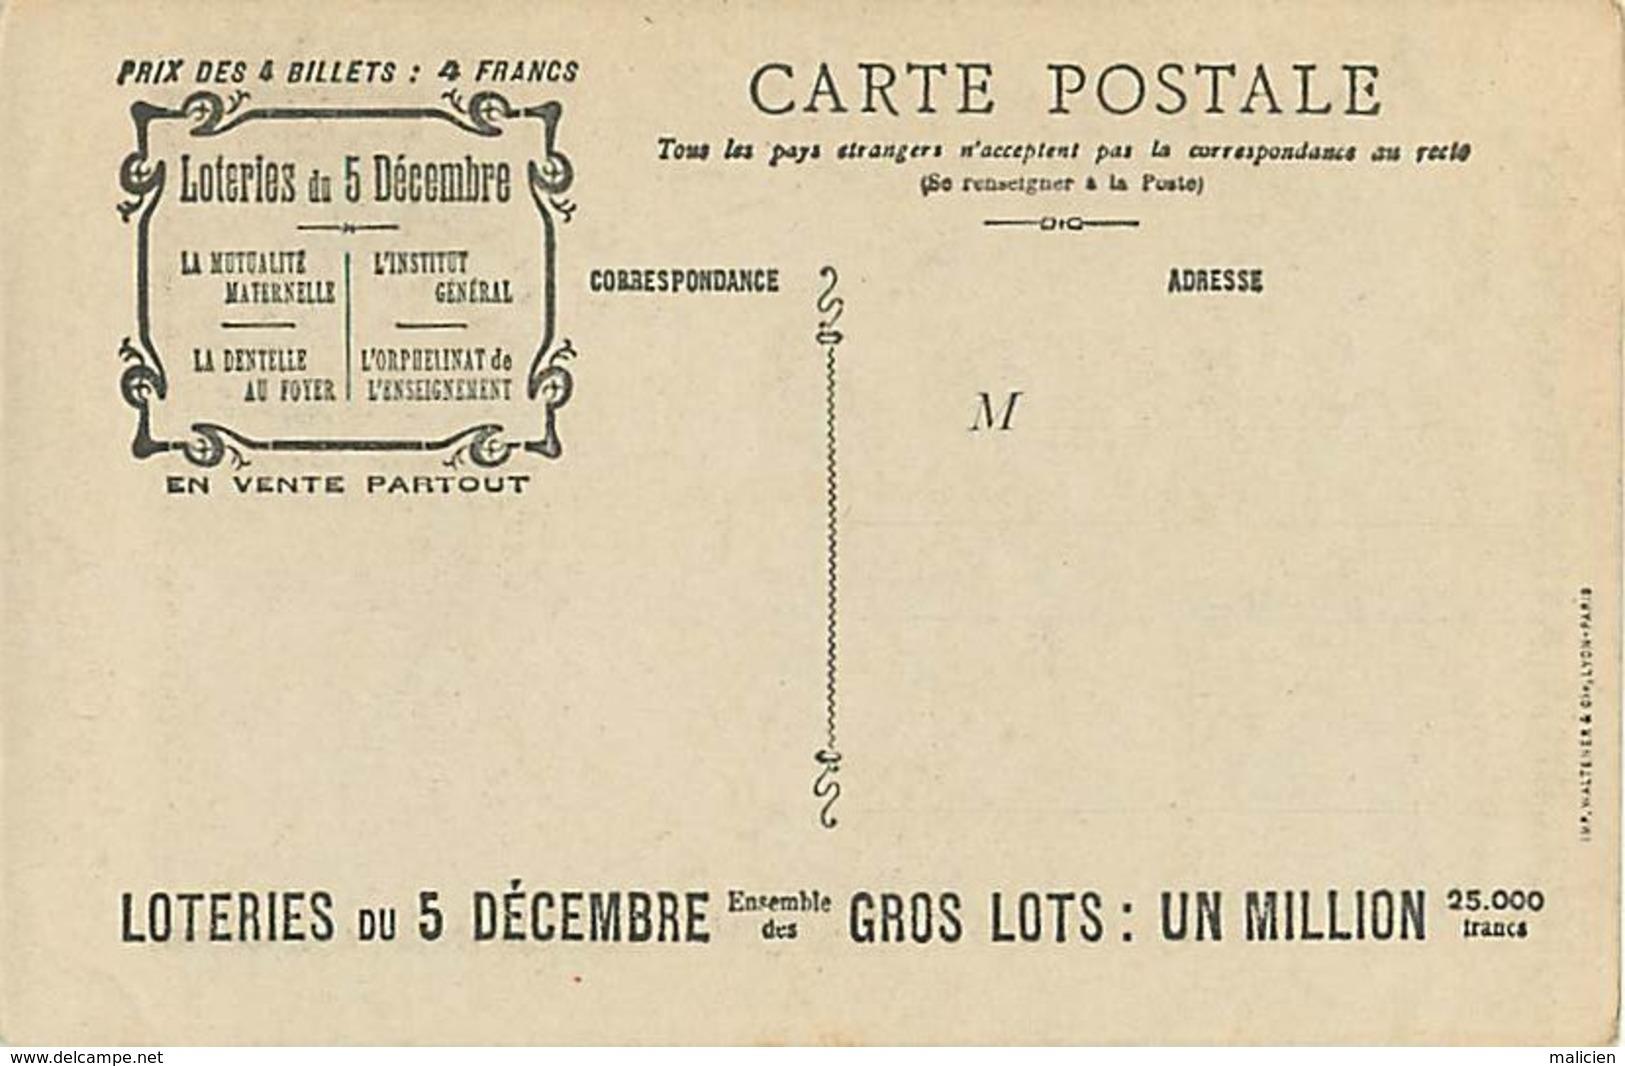 -ref-B70- Assurances - Caisse Generale Des Loteries - P. Reynaud - Paris - La Mutualité Maternelle - Loterie - Loteries - Métiers